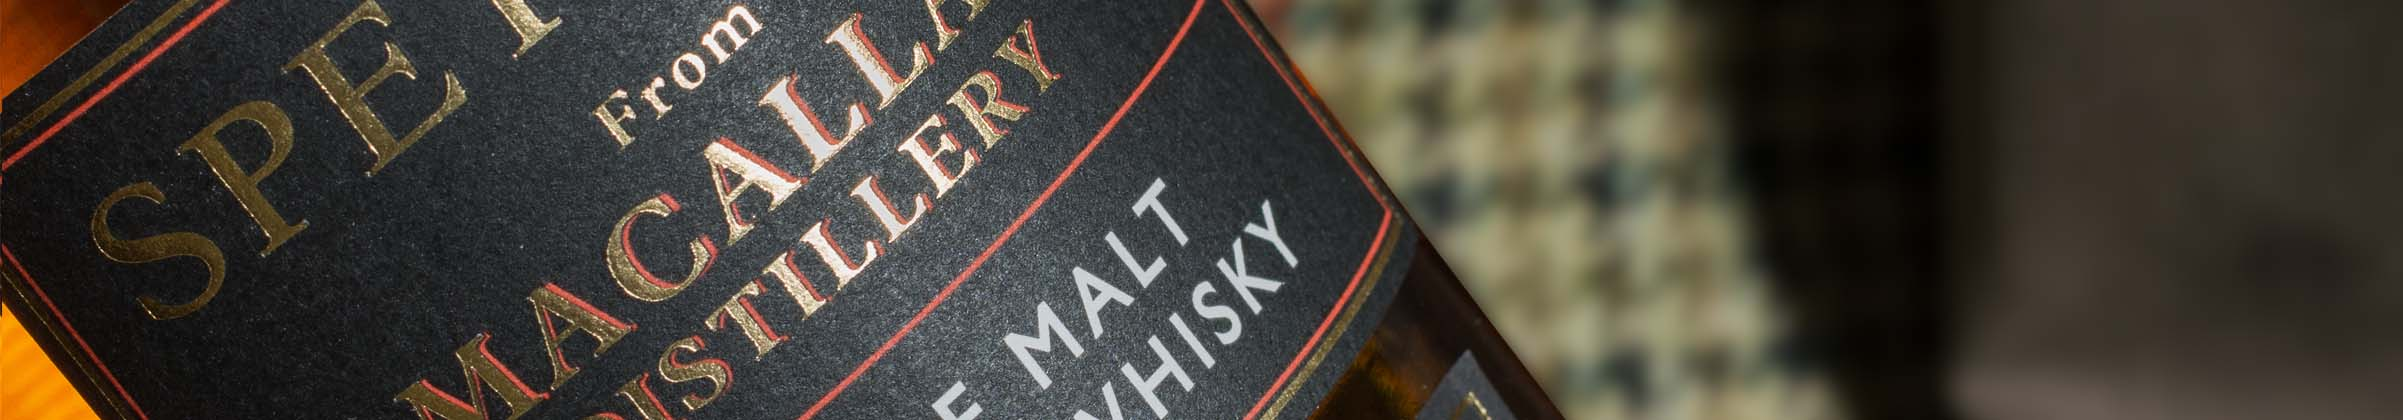 Blended Scotch Whiskey